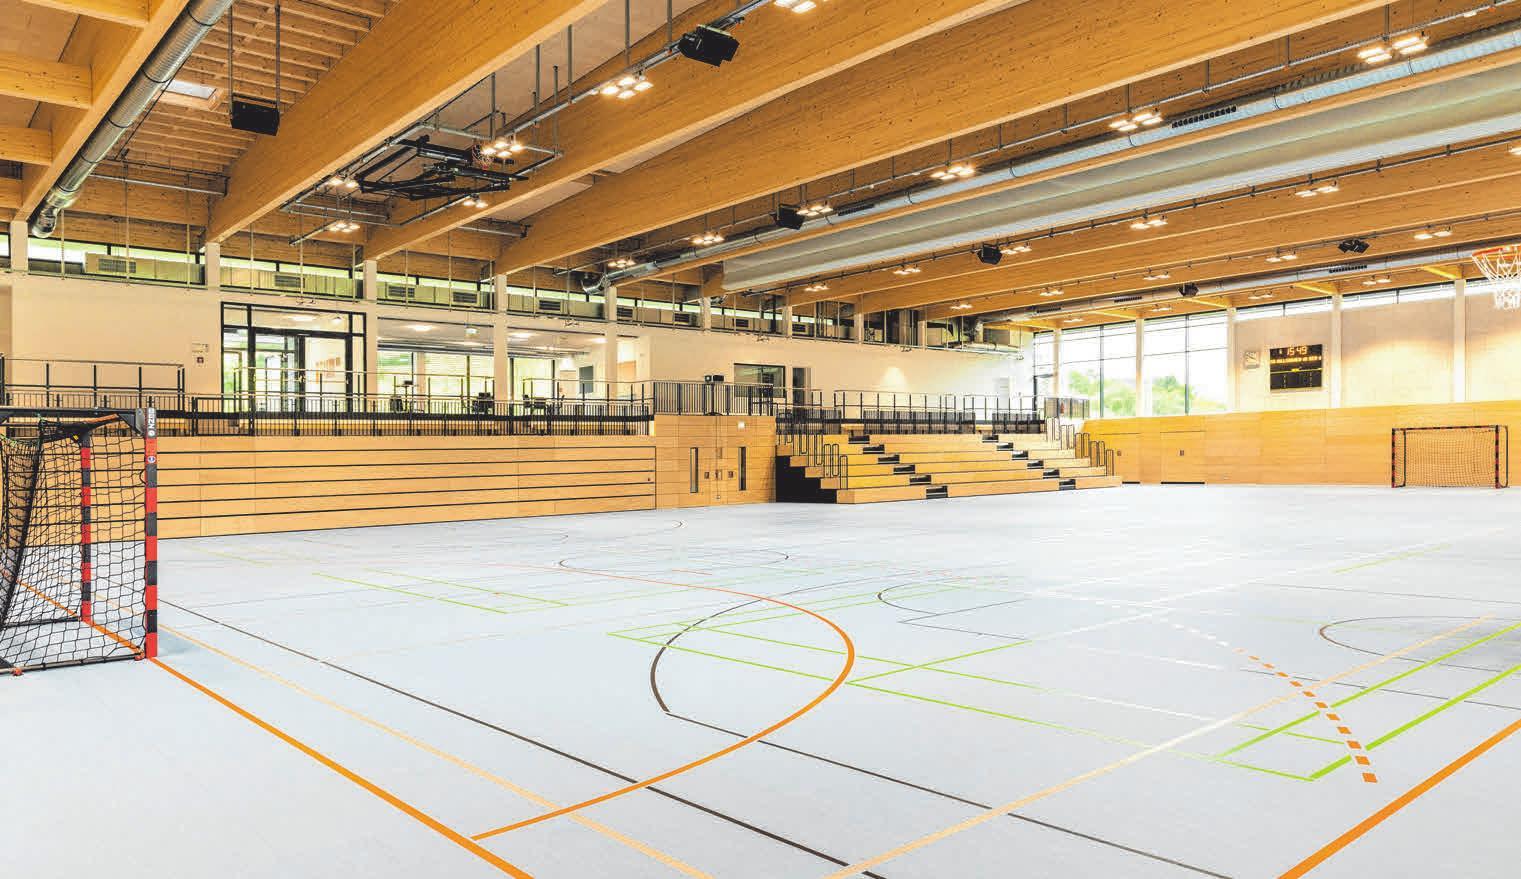 Die Marquardt Halle ist eine Zweifach-Sporthalle mit einer teilbaren, rund 1.300 Quadratmeter großen Hallenfläche und ausfahrbaren Teleskoptribünen sowie 380 Sitzplätzen.